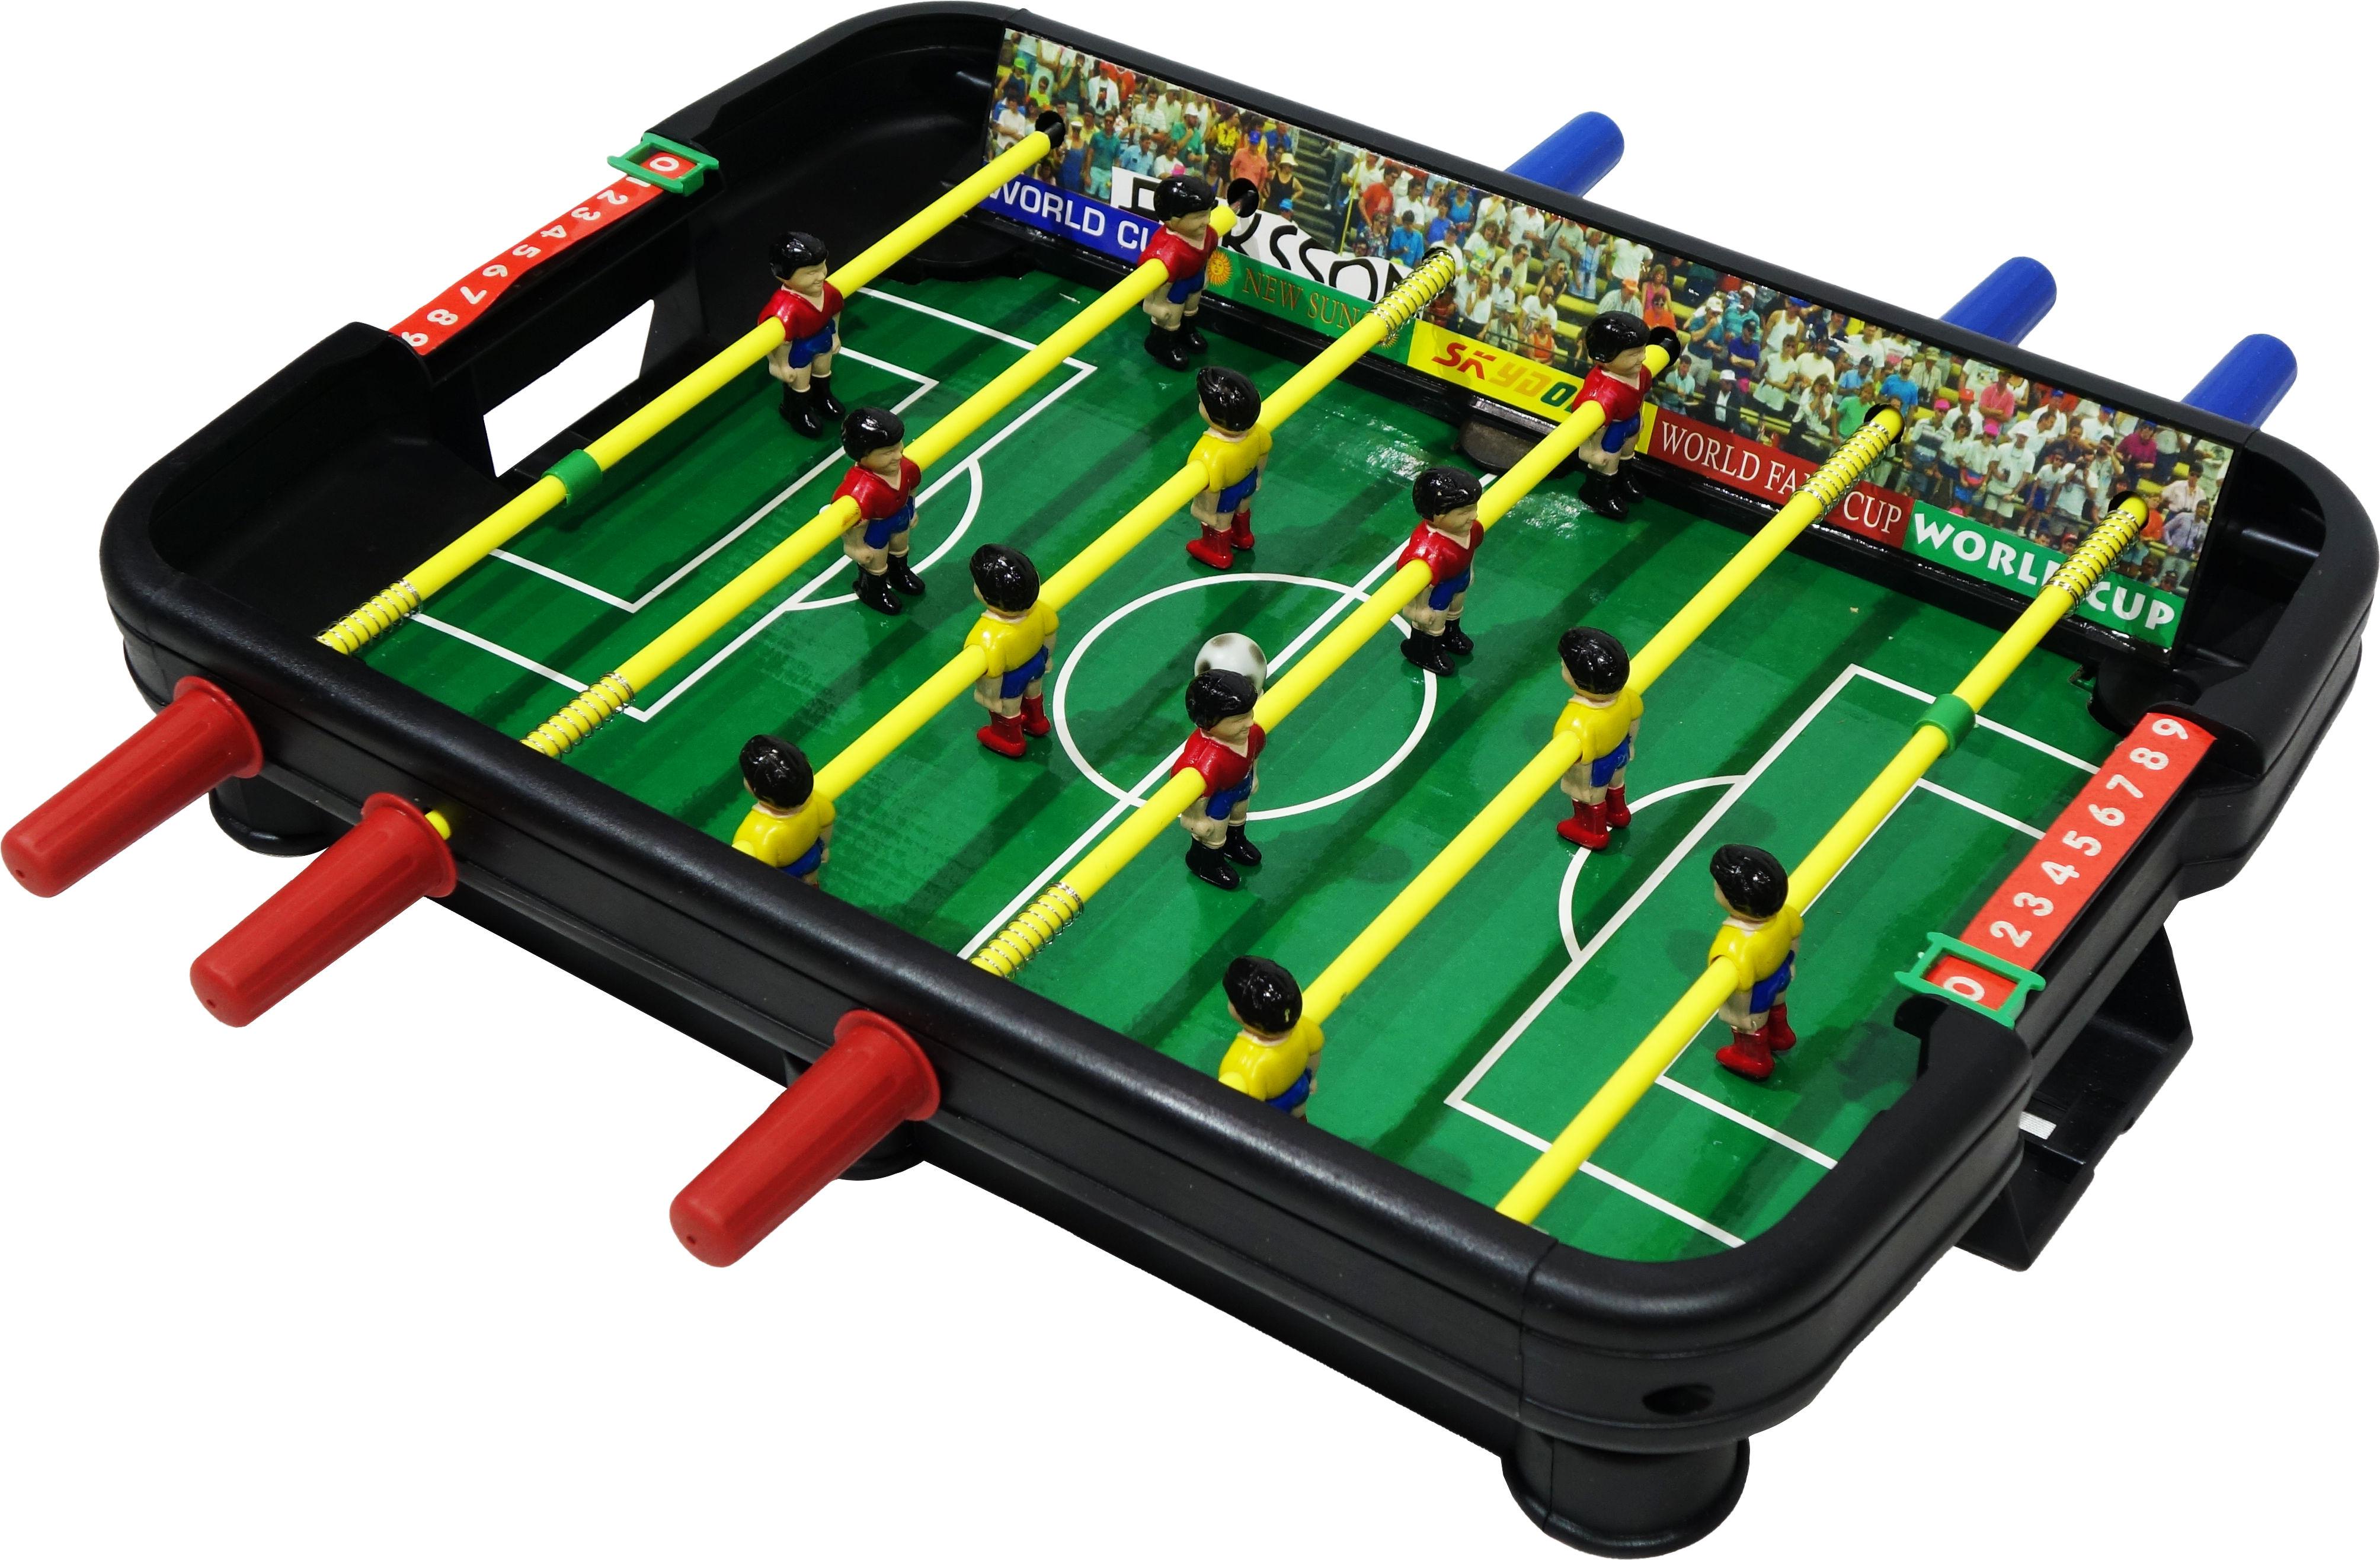 Купить Настольный футбол кикер (2971-3), Многоцветный, Китай, Настольный футбол, хоккей, бильярд